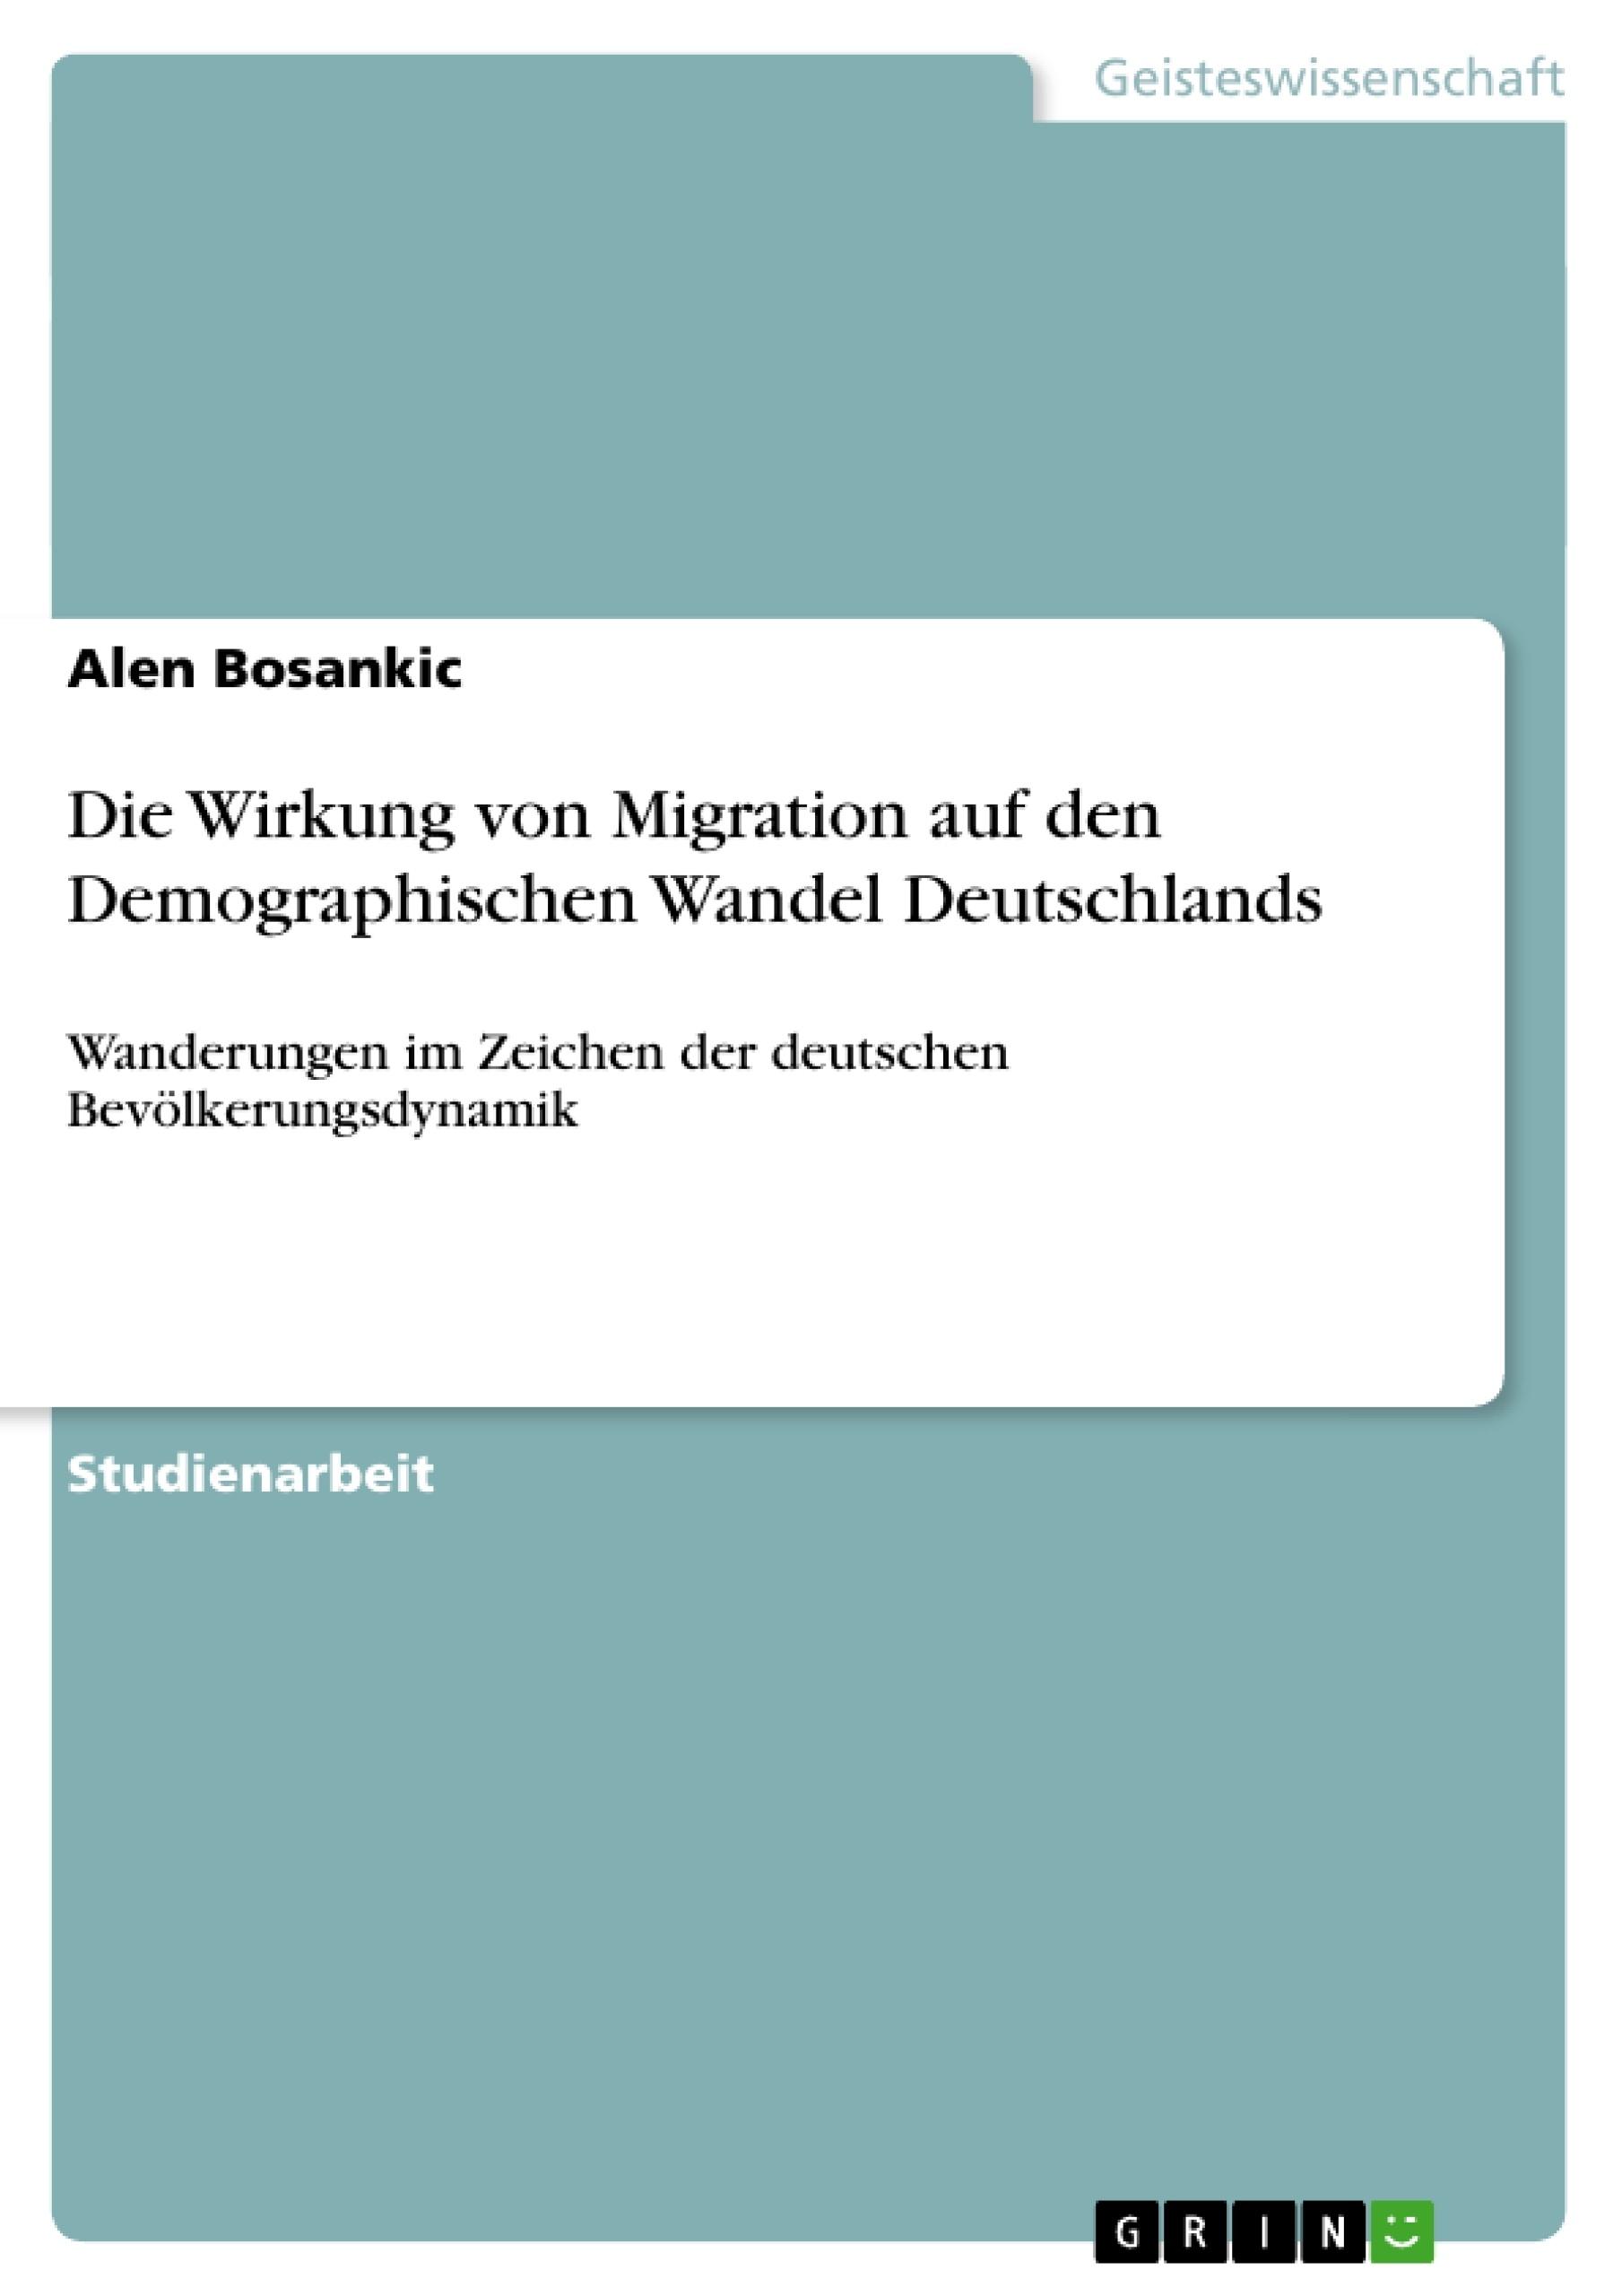 Titel: Die Wirkung von Migration auf den Demographischen Wandel Deutschlands